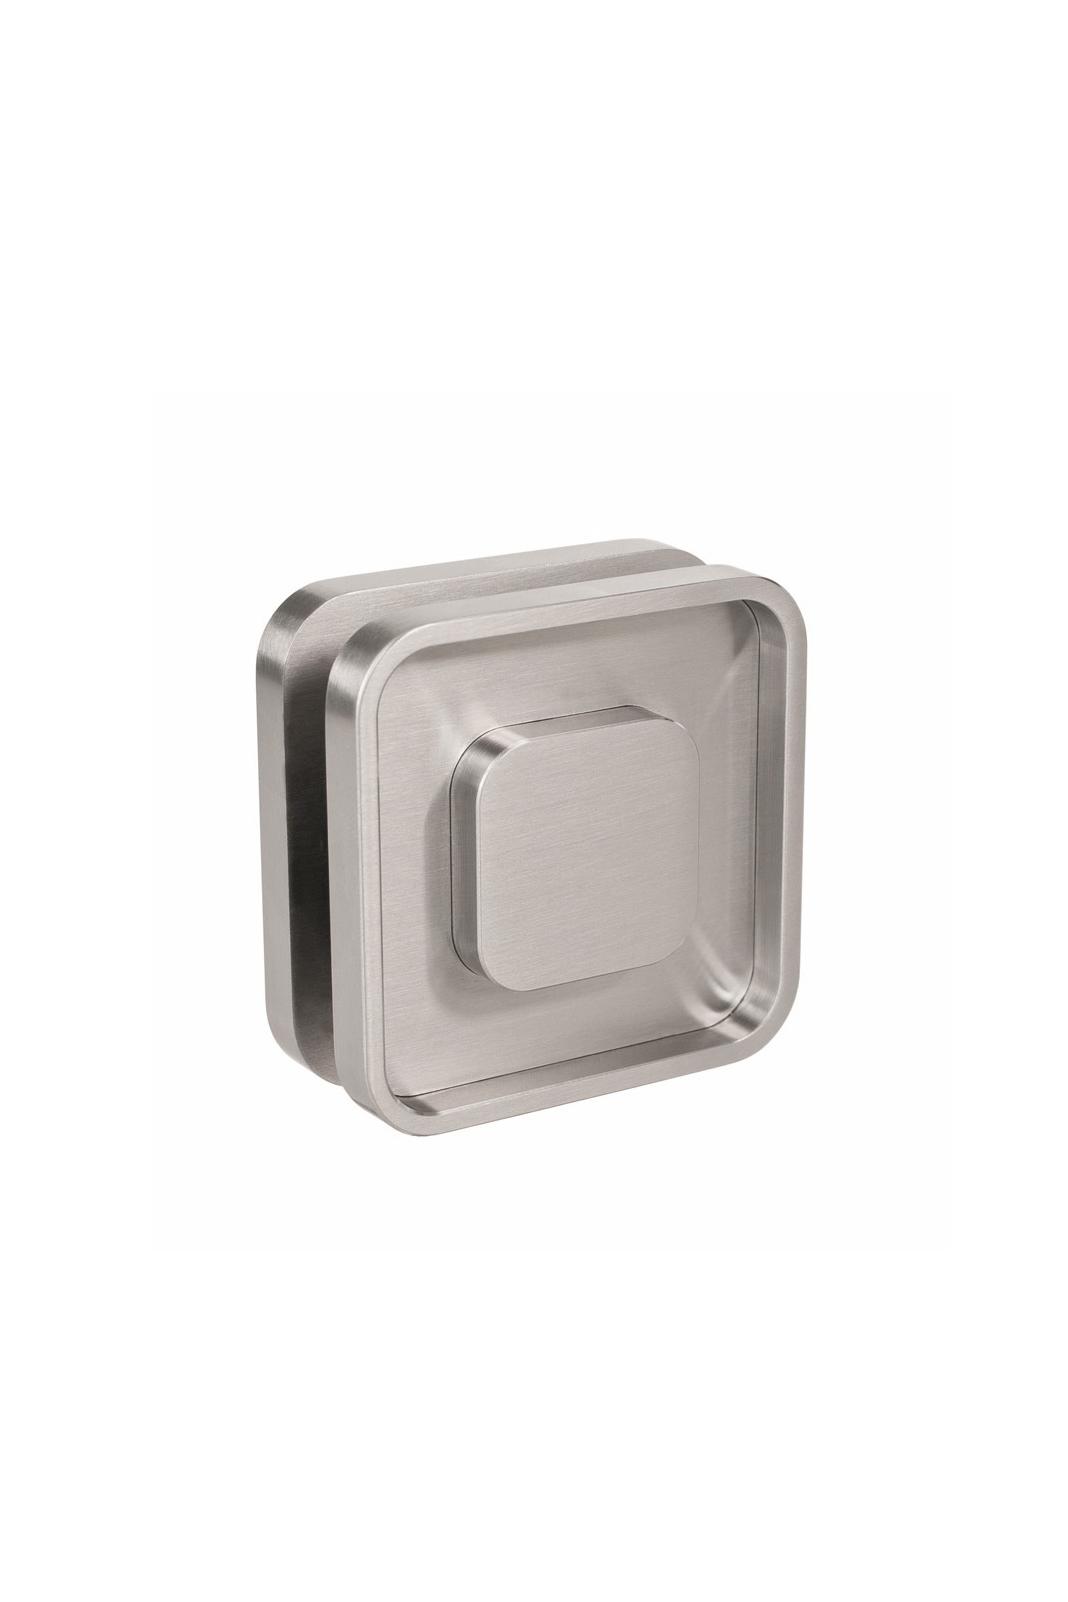 Flush Pull : GR.6605